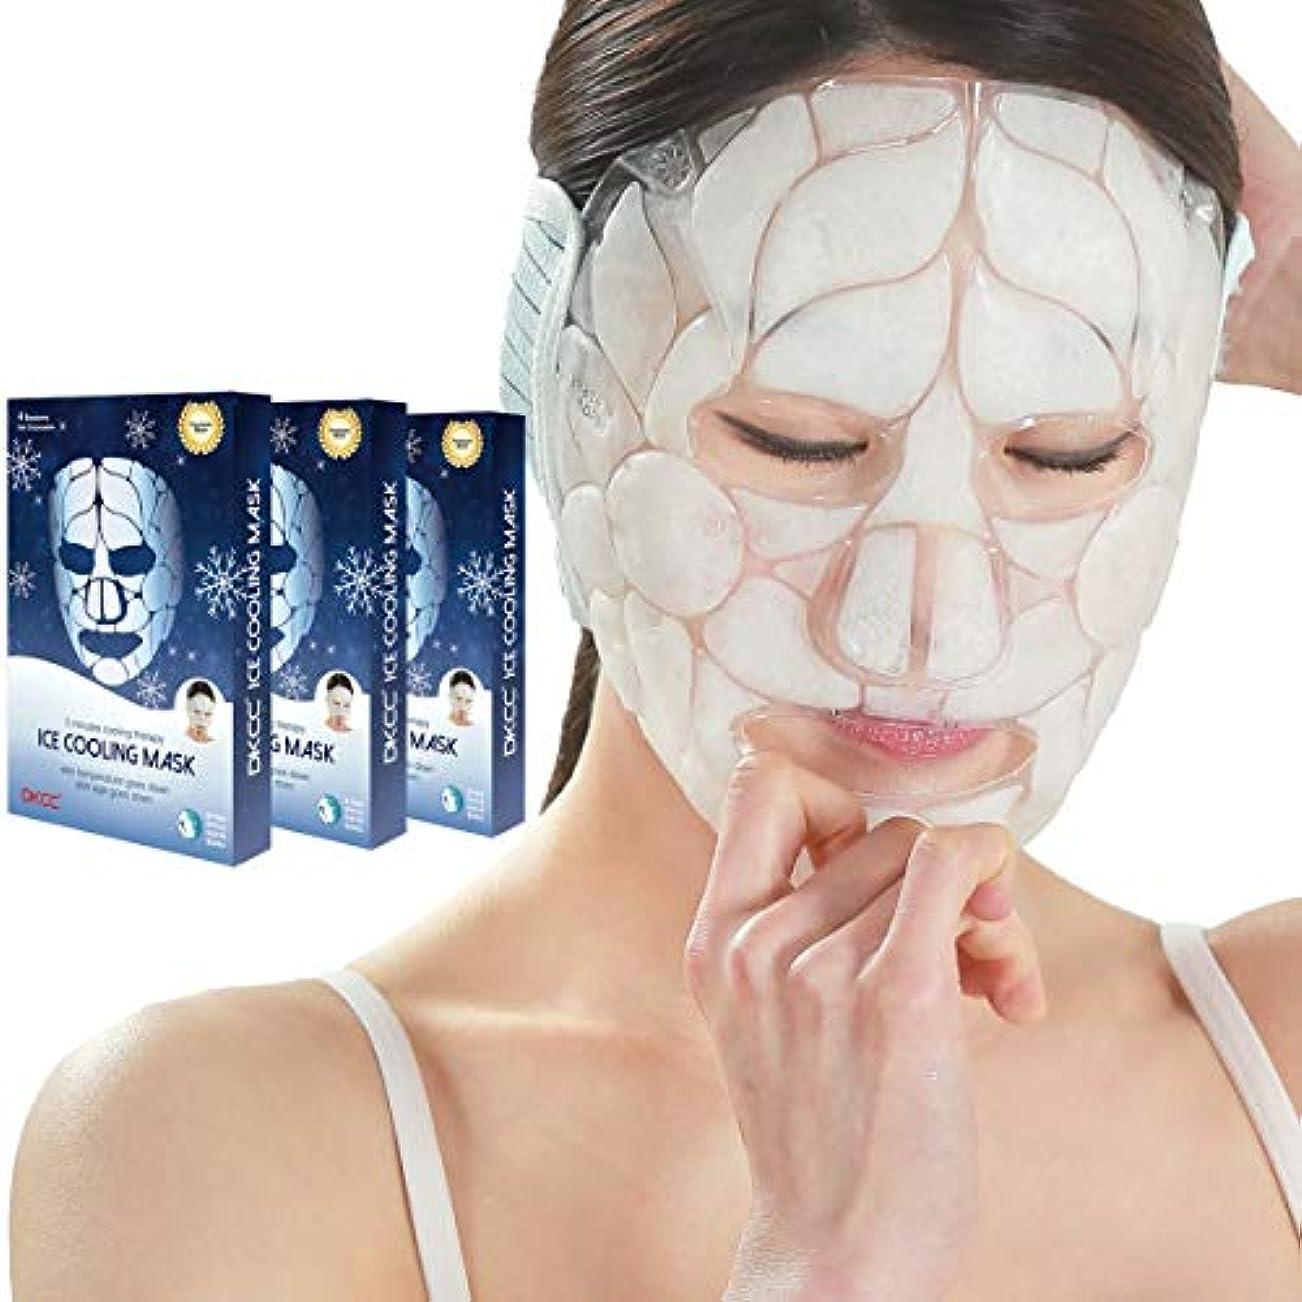 休暇政治家の沿ってDKCC アイスクーリングマスク